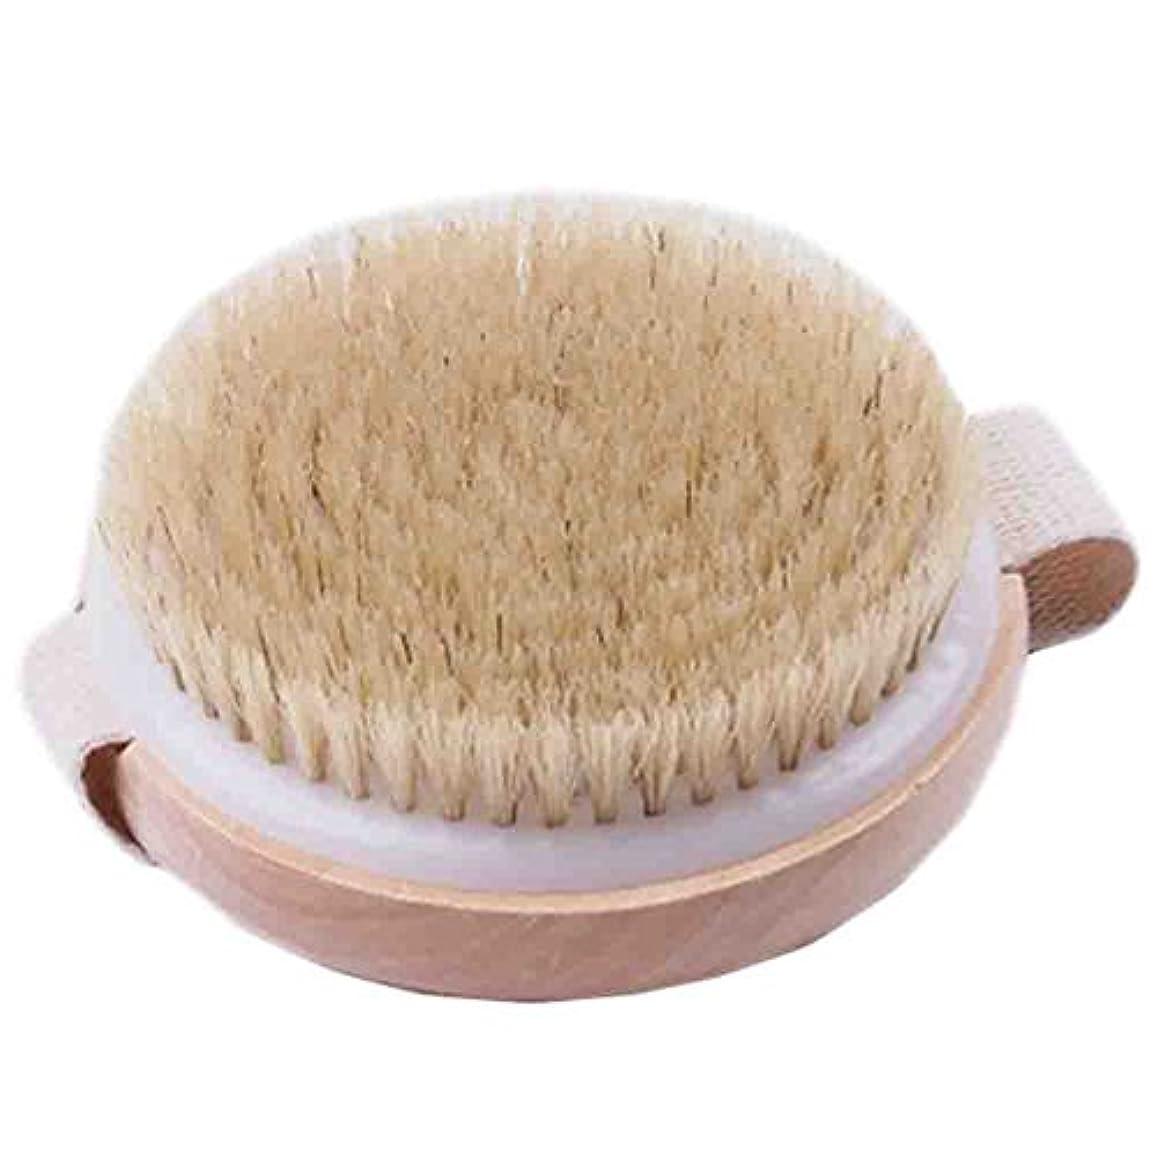 肌寒い火山学者擁する剥離マッサージボディヘアブラシのための自然な剛毛の浴室のブラシ